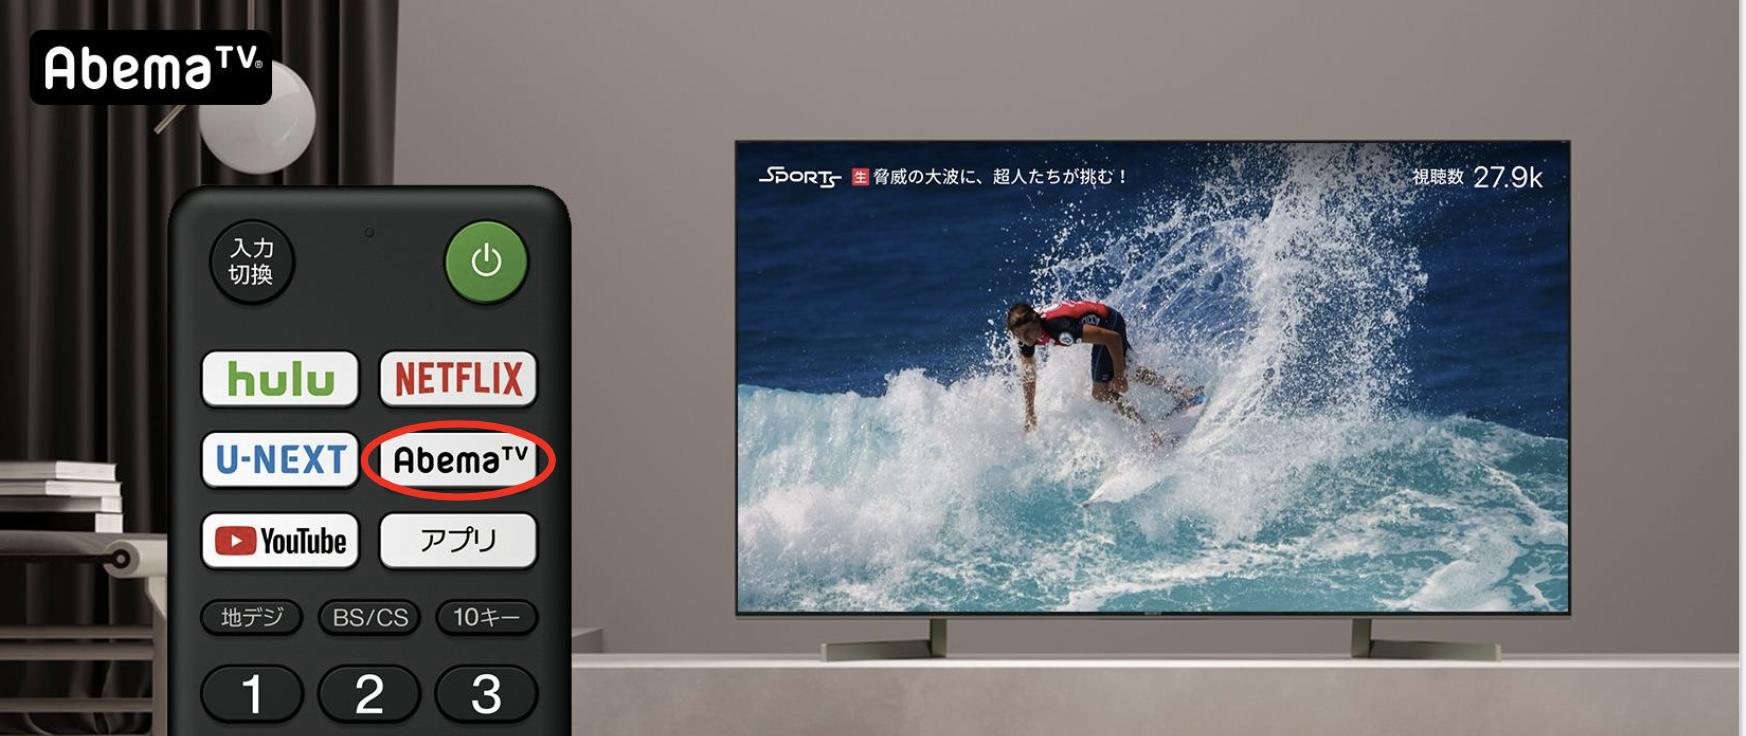 アベマに対応しているテレビのリモコンにはアベマボタンを搭載